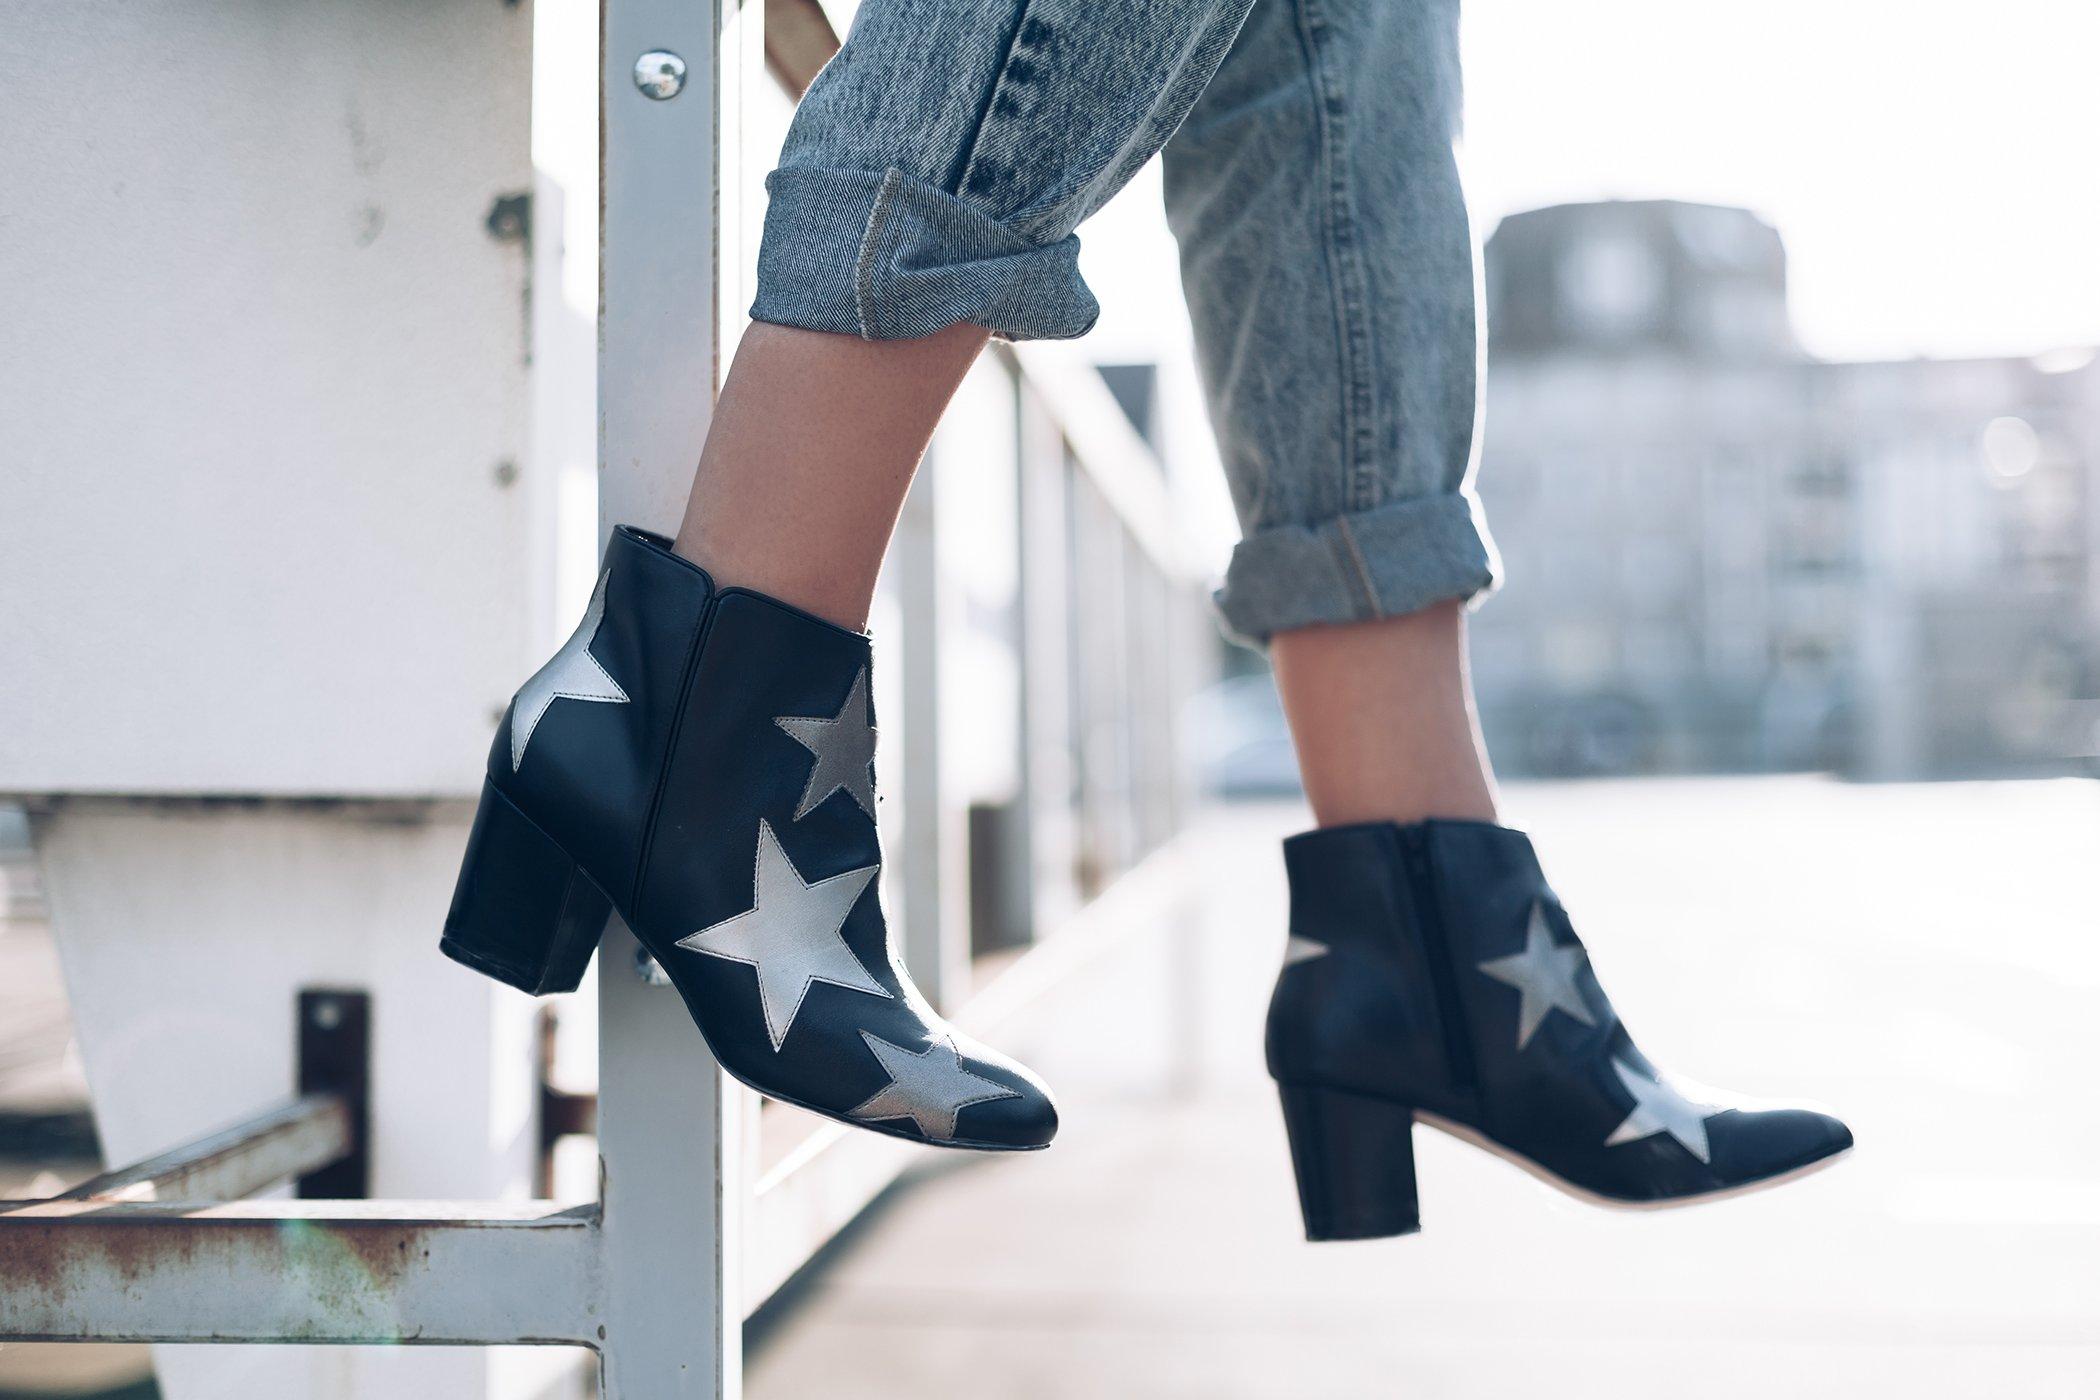 mikuta-loves-her-jeans-4